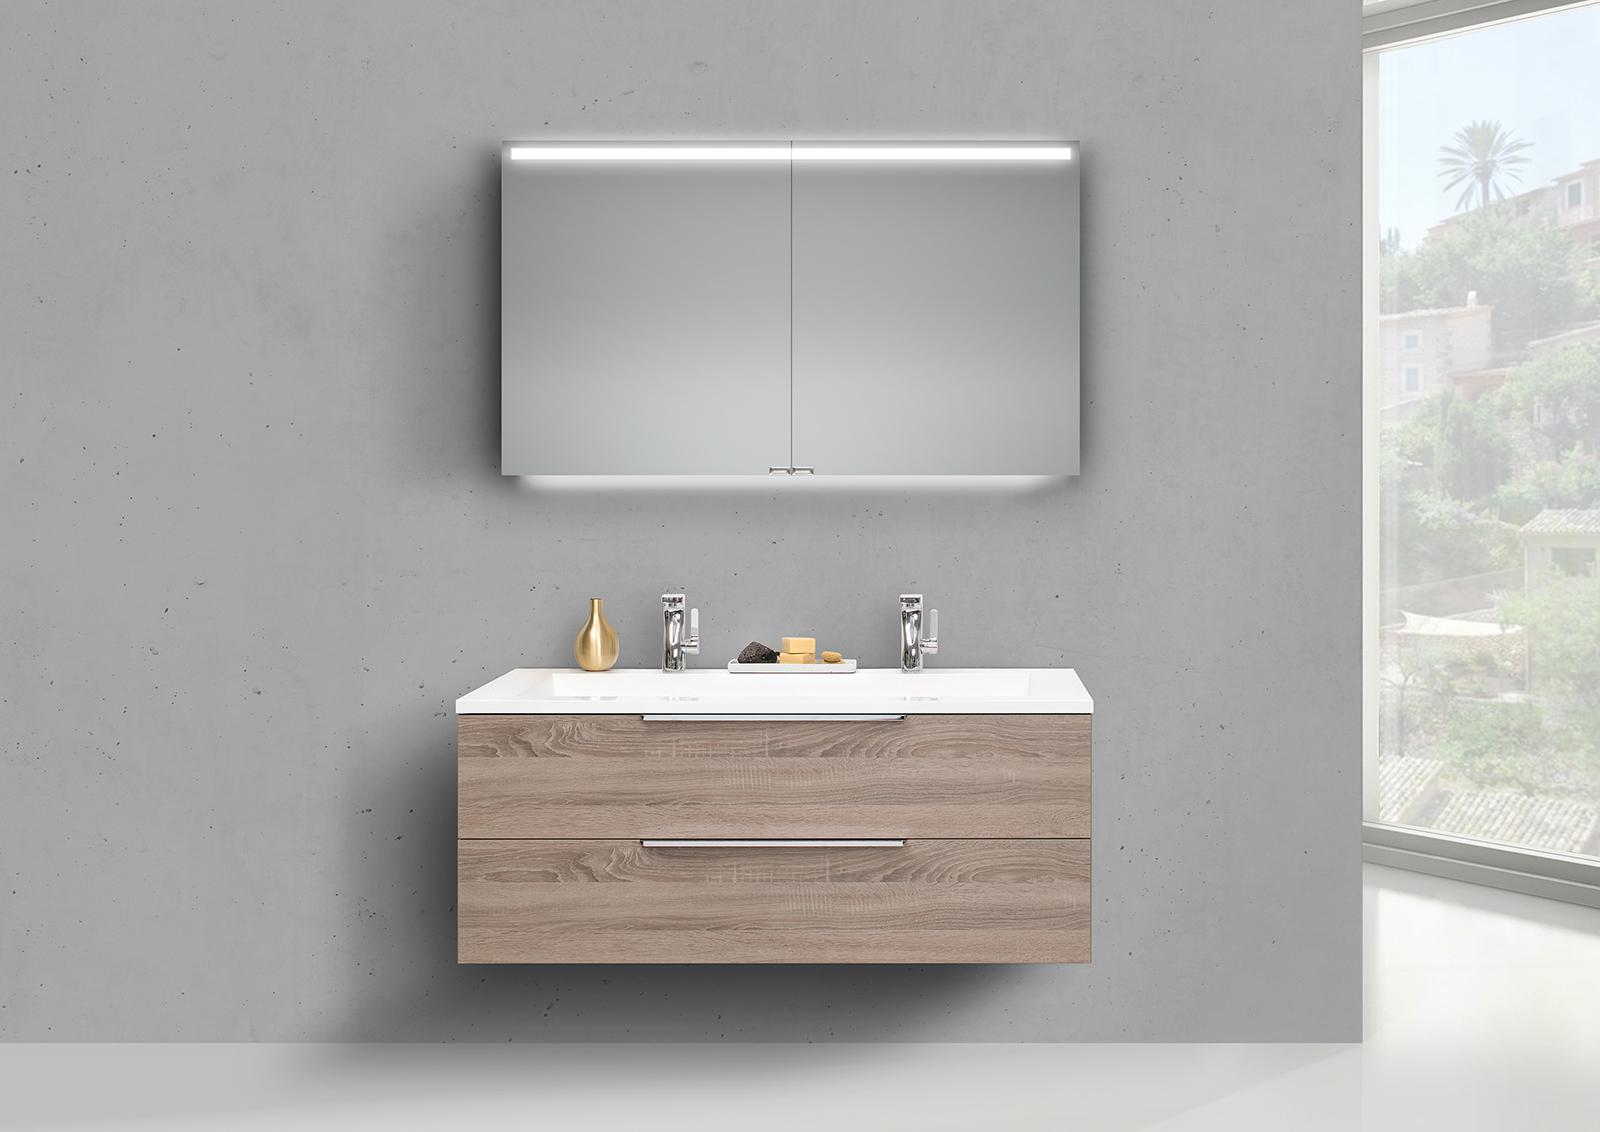 intarbad cubo 1200 doppelwaschbecken mit unterschrank und led spiegelschrank. Black Bedroom Furniture Sets. Home Design Ideas